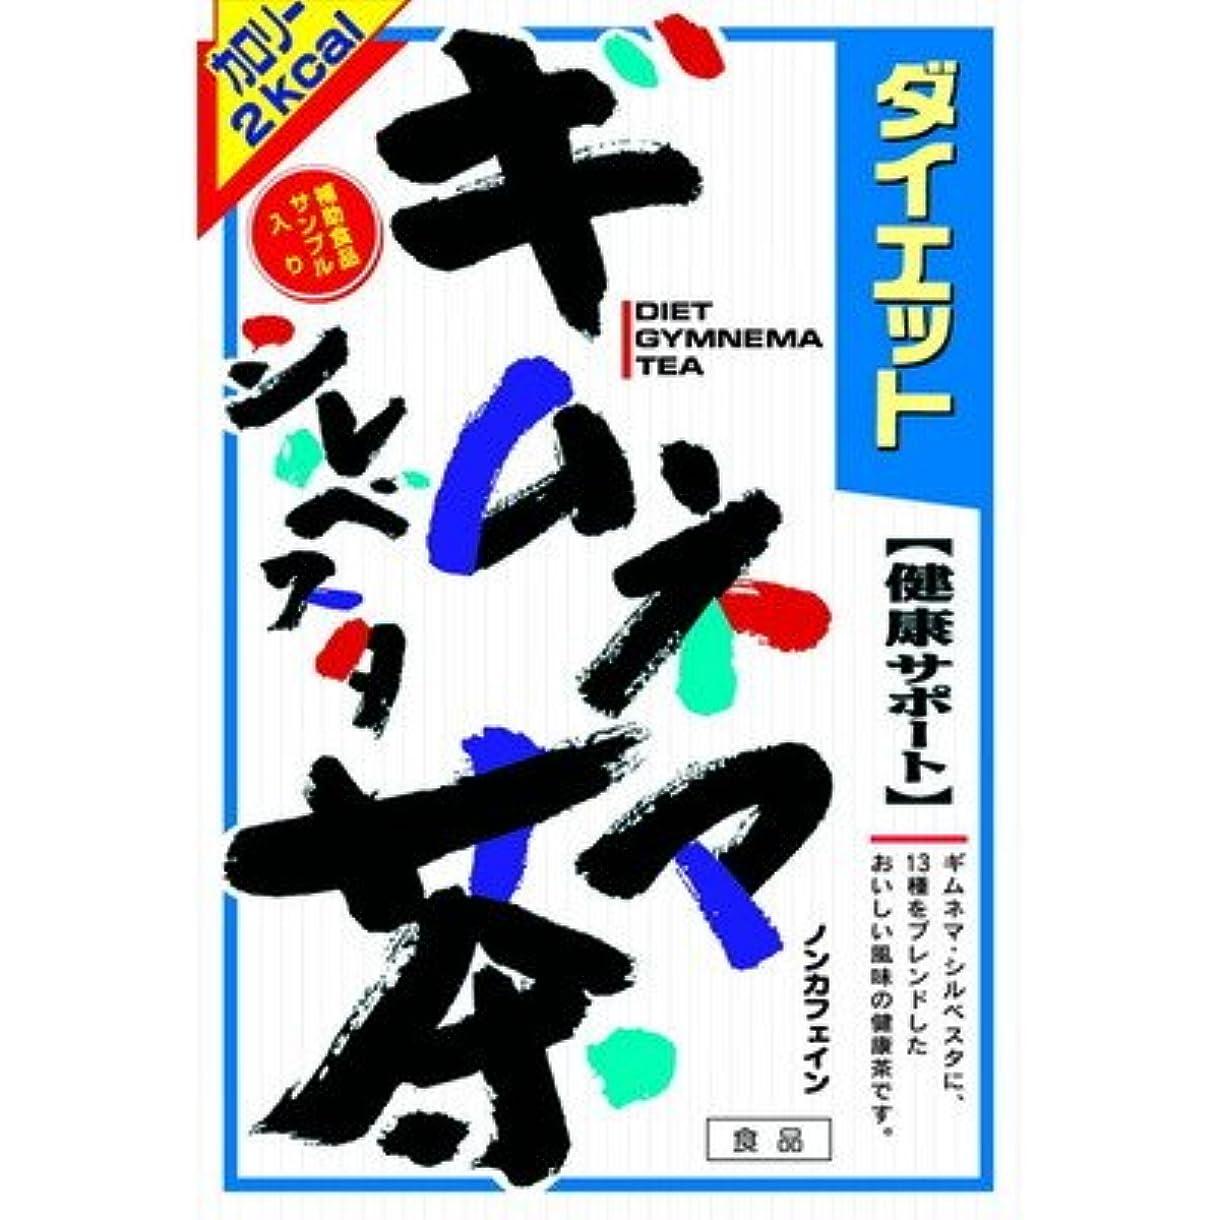 ホーン欠席日帰り旅行に山本漢方 ダイエットギムネマシルベスタ茶 8g x 24包【2個セット】